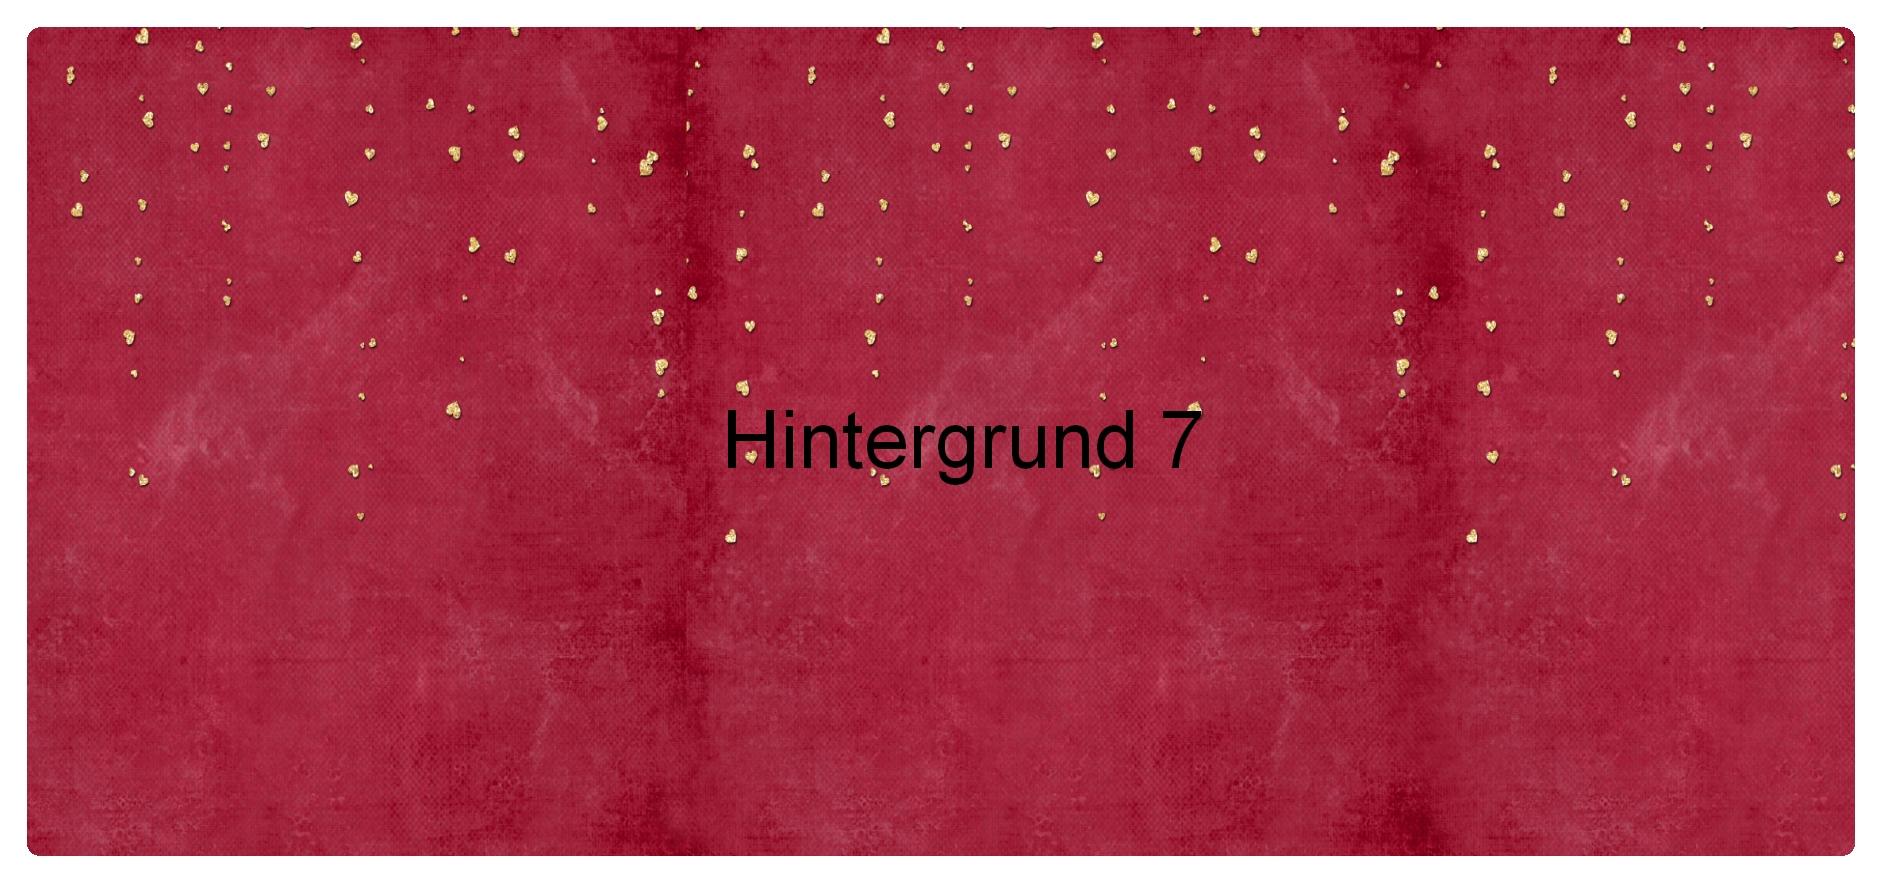 Hintergrund 7